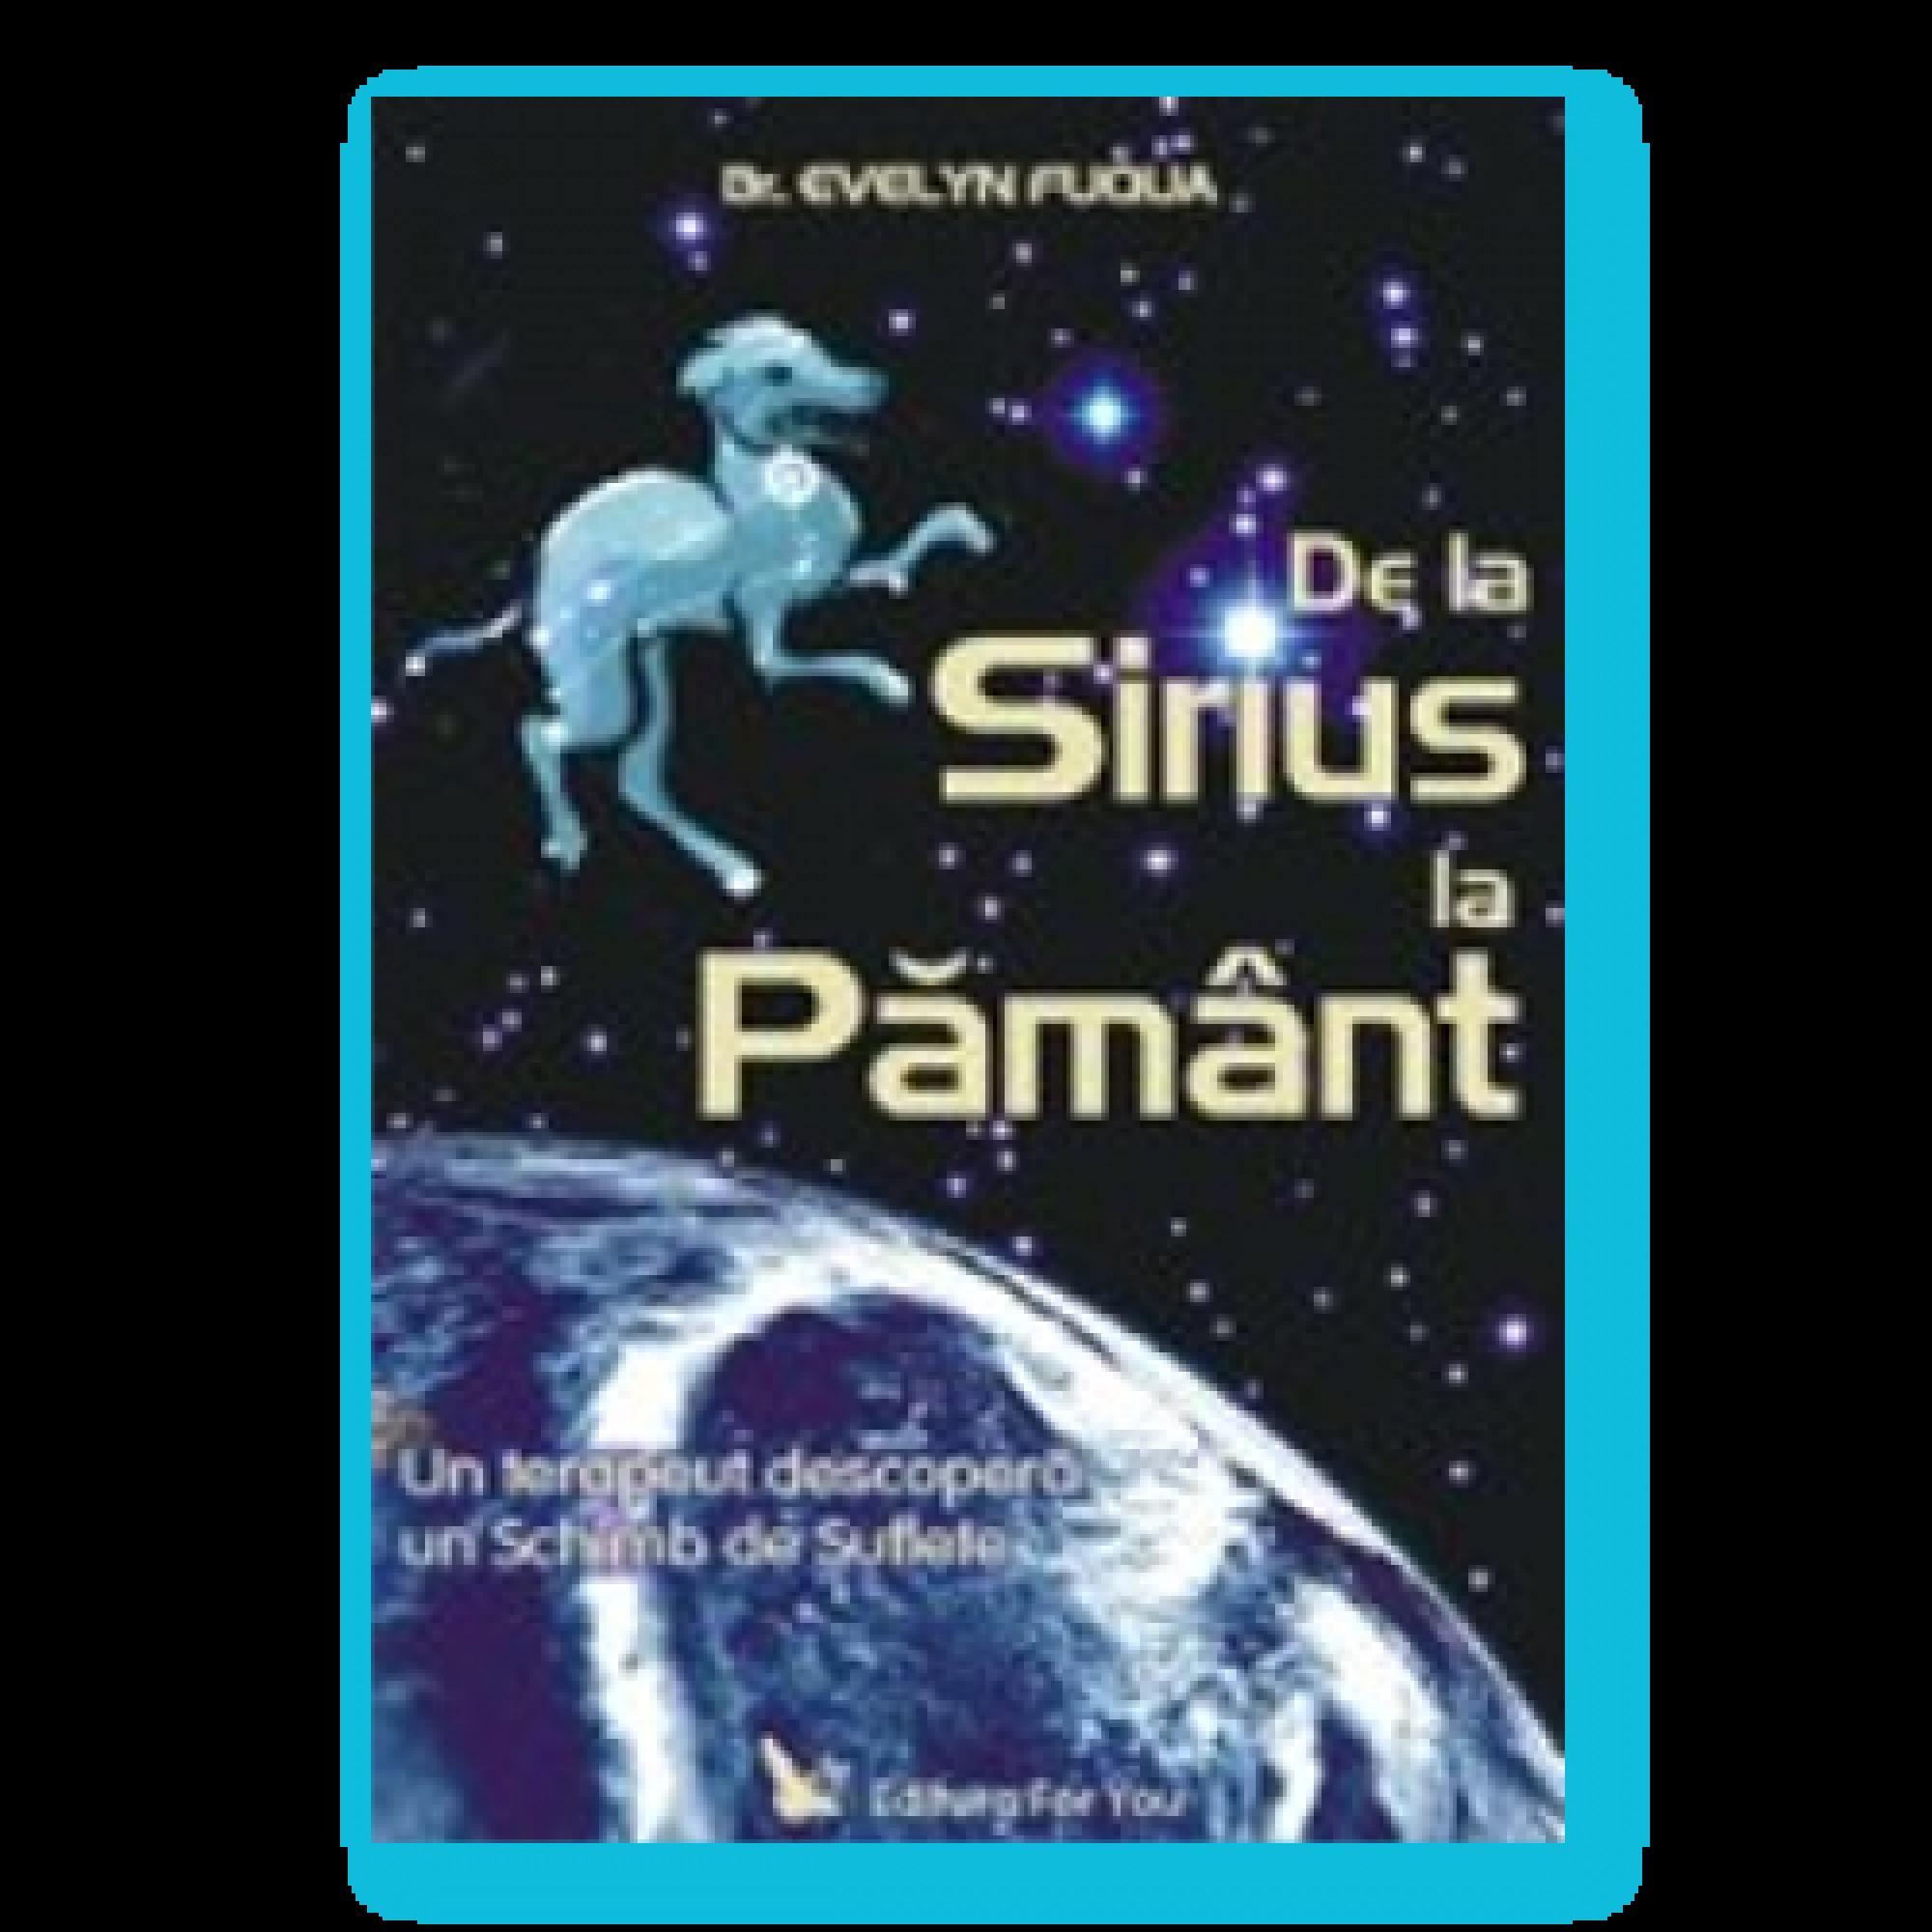 De la Sirius la Pământ; Evelyn Fuqua